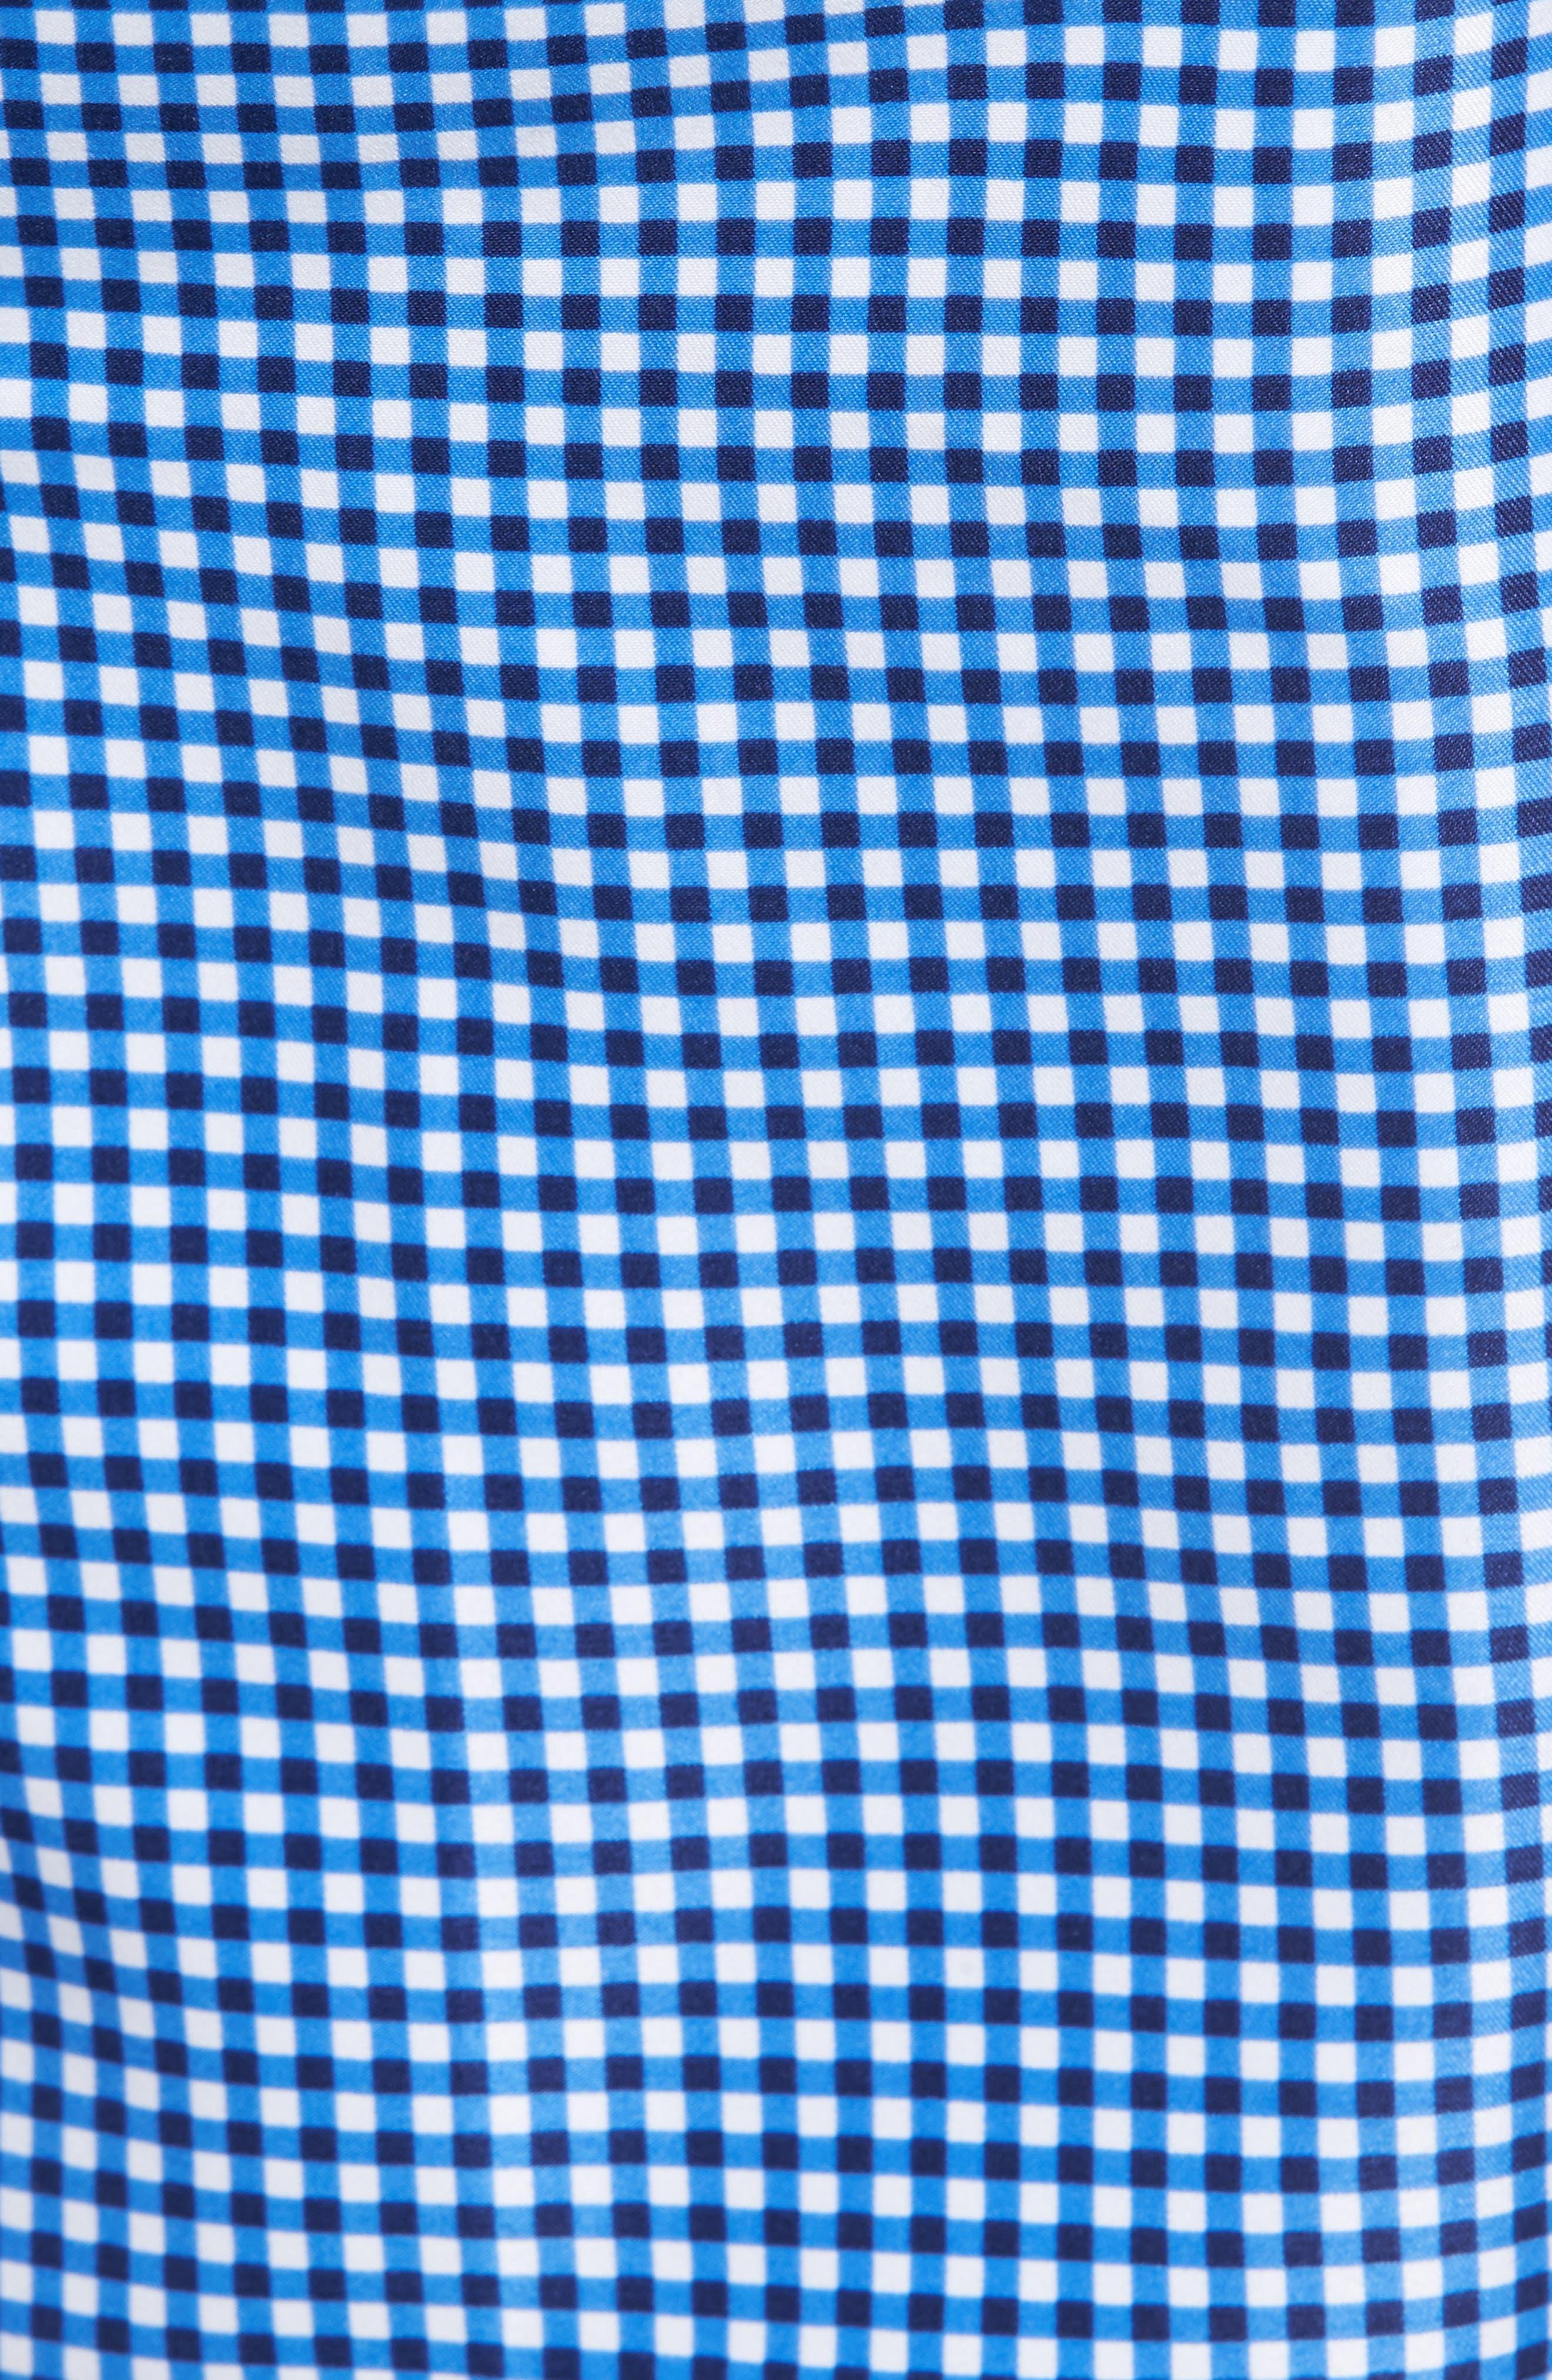 Gingham Style Swim Trunks,                             Alternate thumbnail 5, color,                             ATLANTIC BLUE